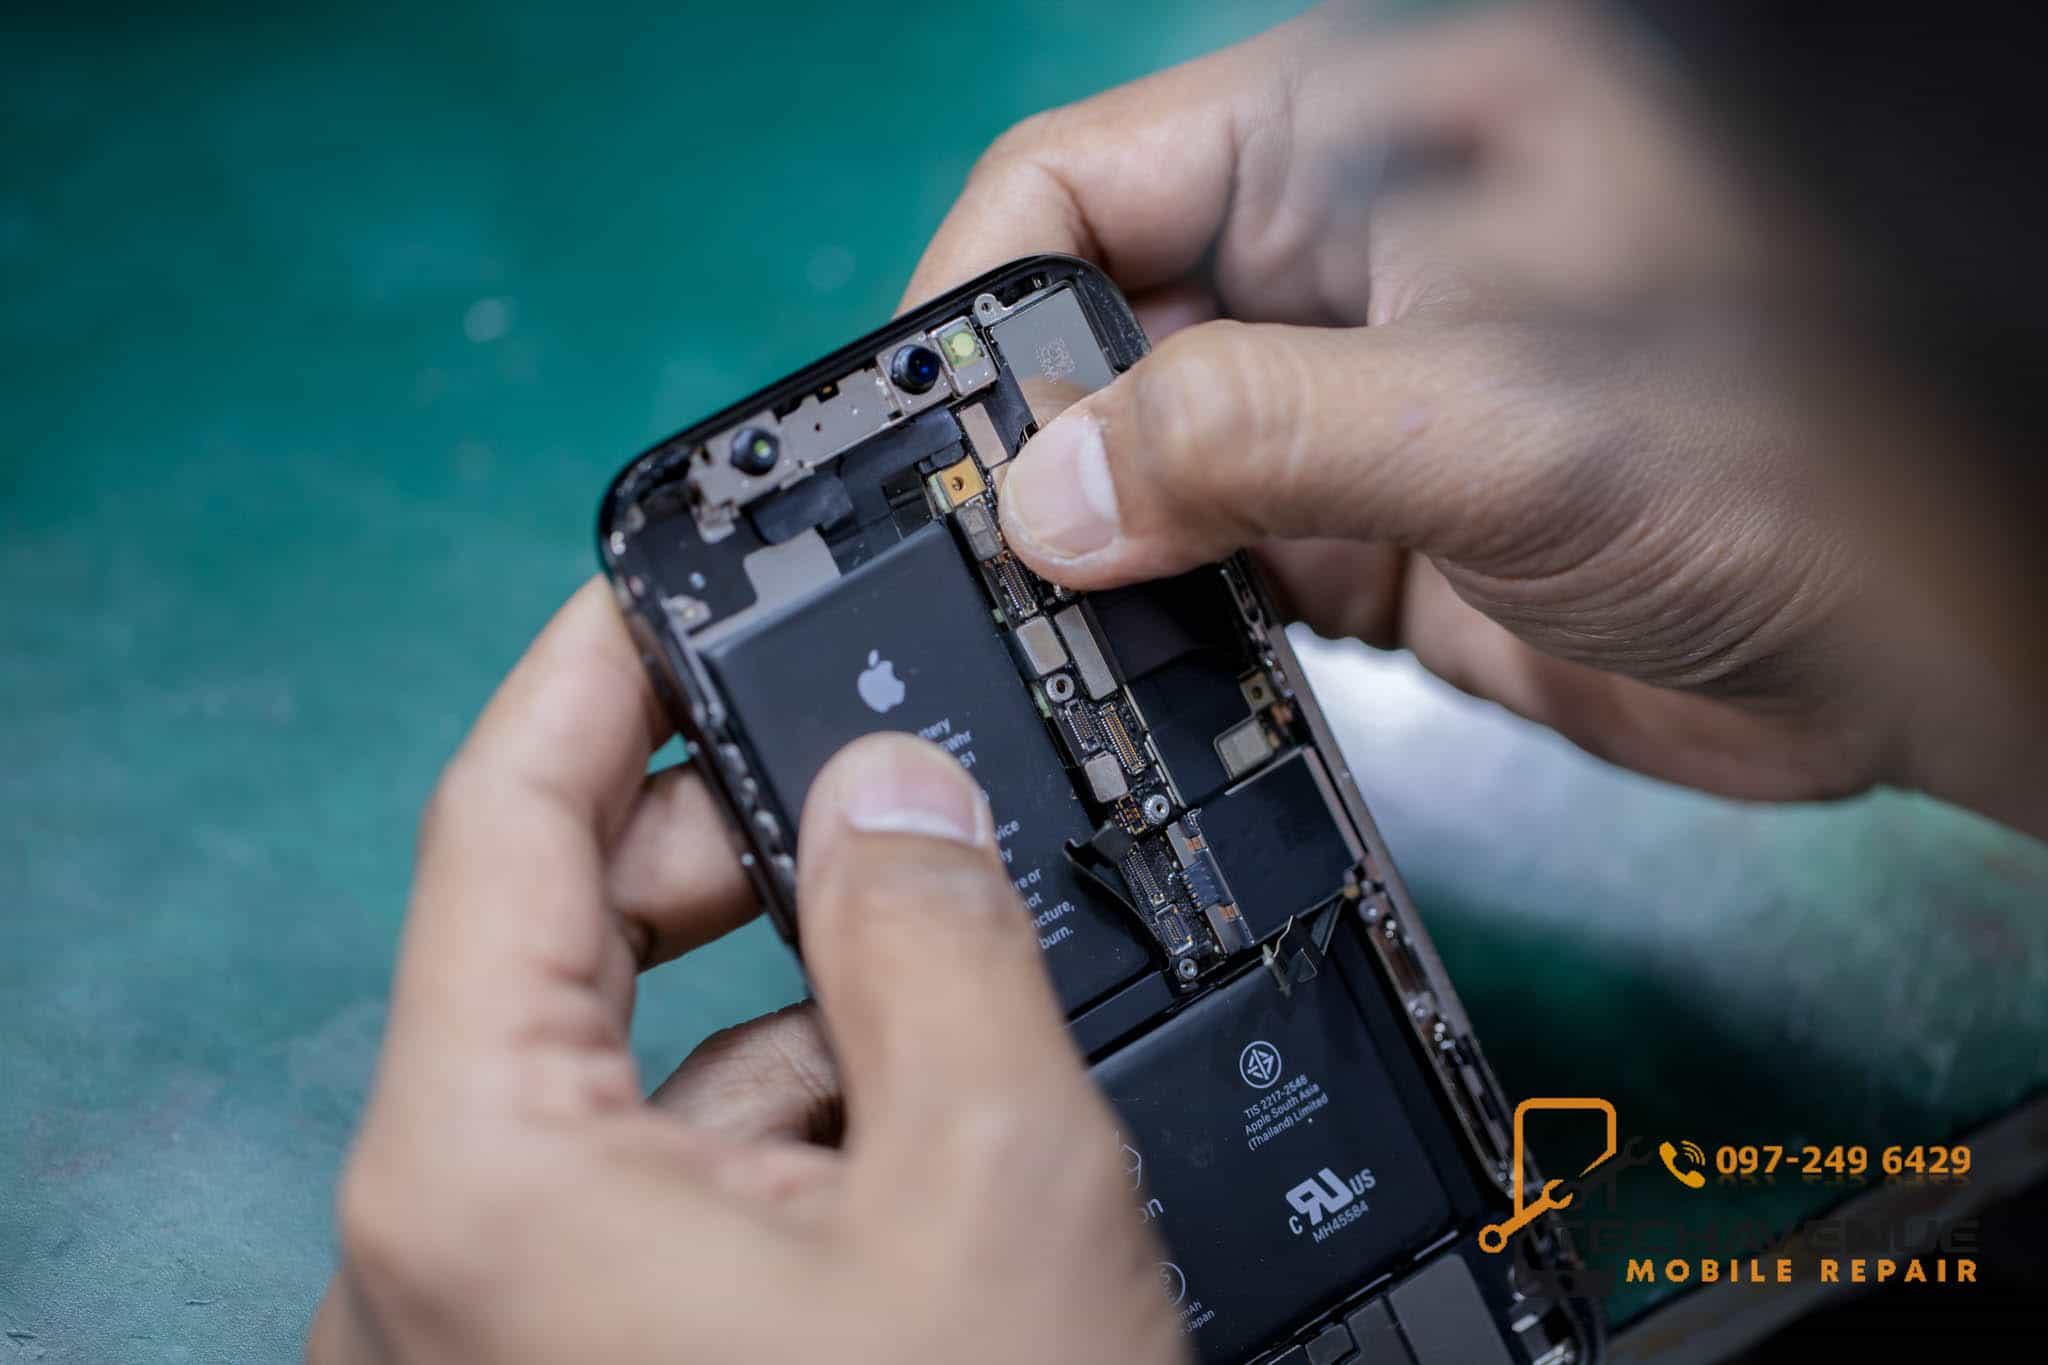 iPhone (ไอโฟน) XS แบตบวม ส่งซ่อมที่ไหน ราคาถูก